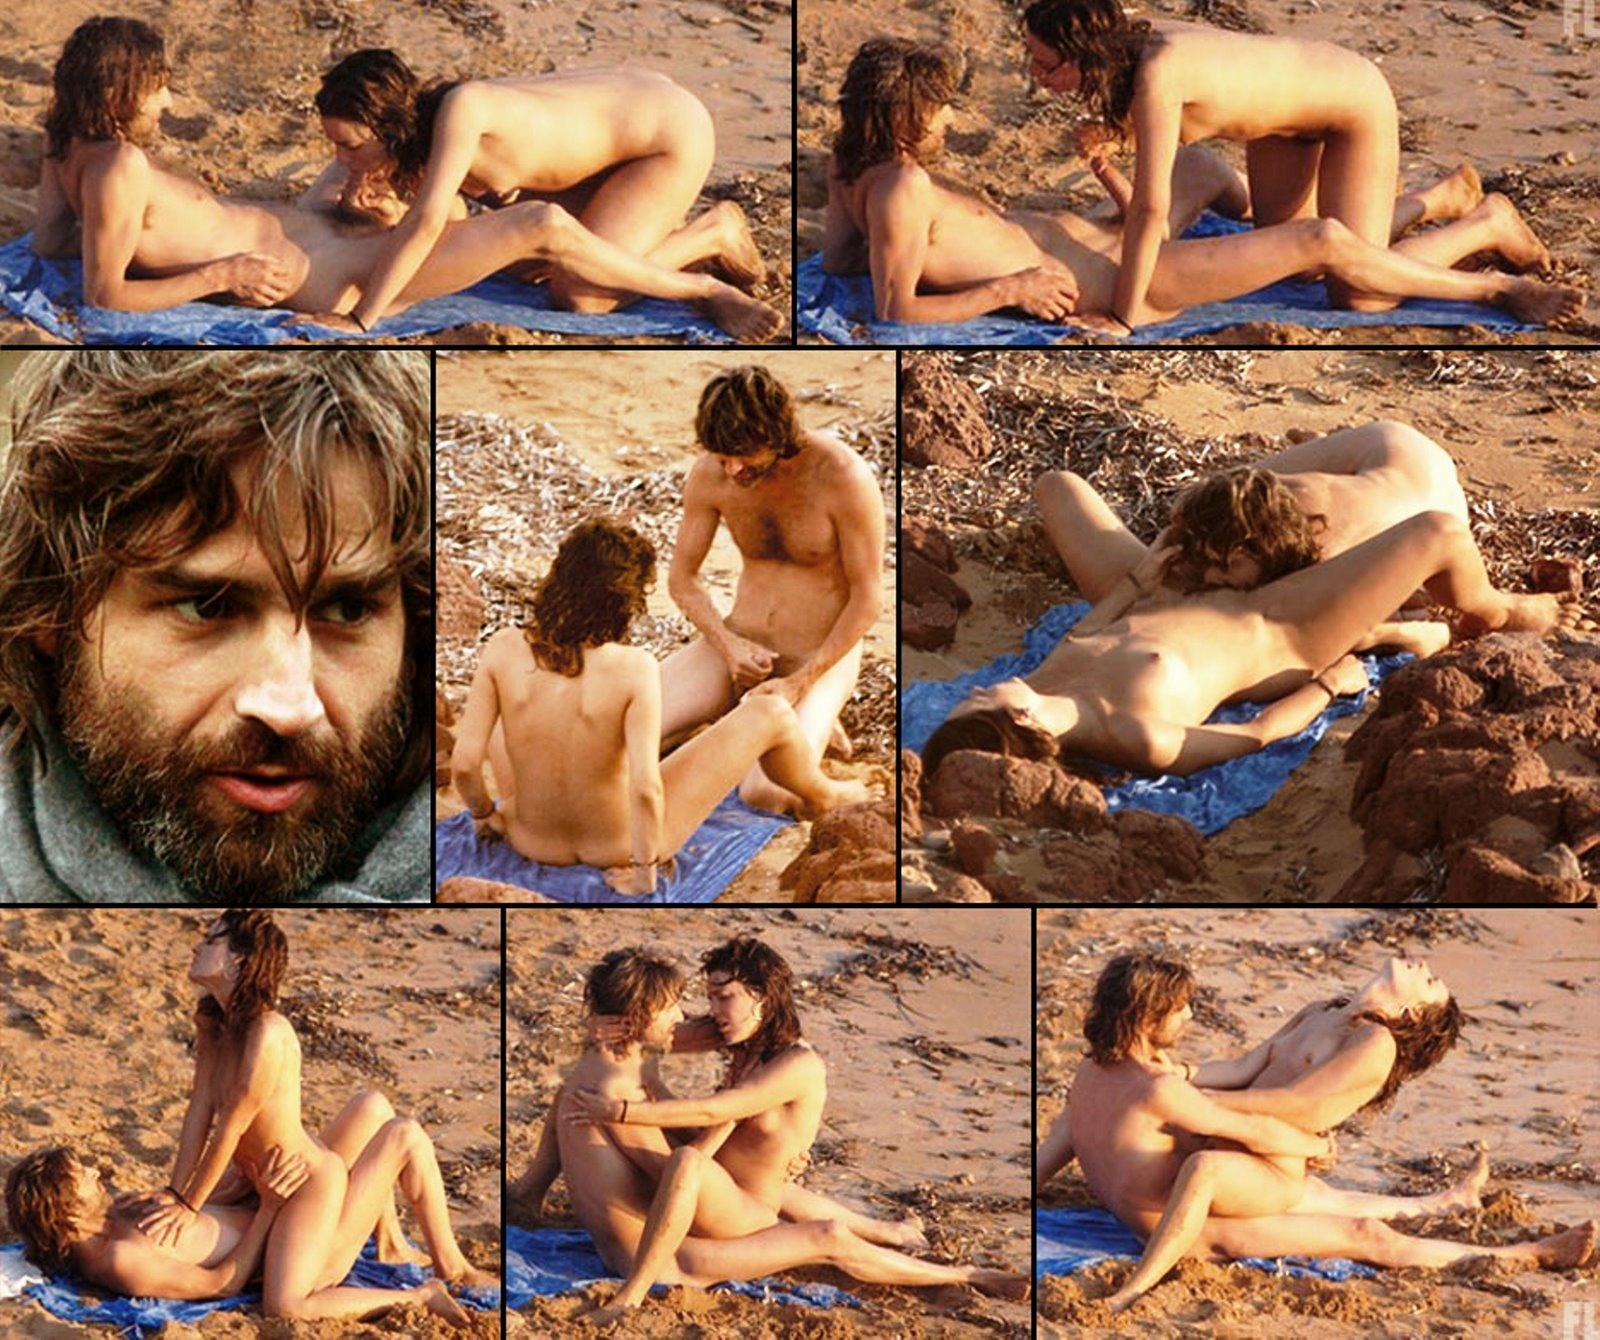 Jessica sanjuan nude mom tape nude